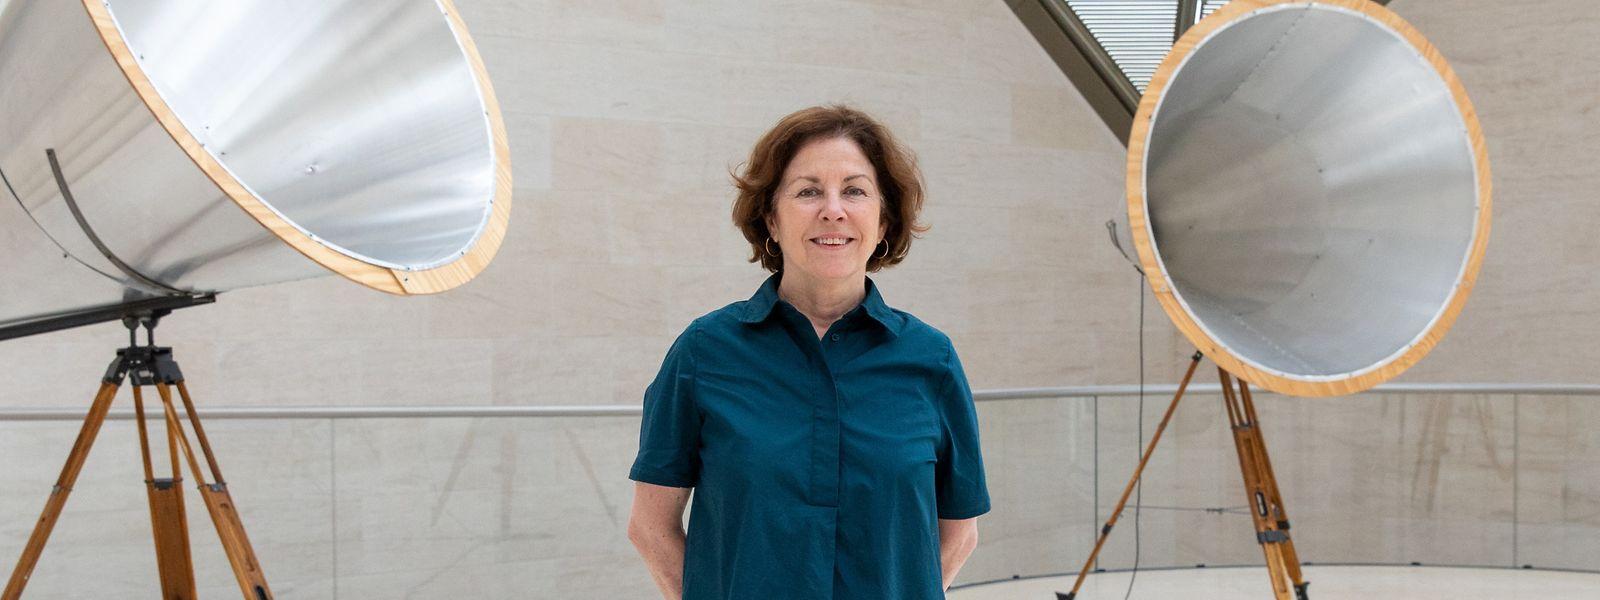 L'installation d'œuvres de William Kentridge fait partie des satisfactions du bilan de Suzanne Cotter.